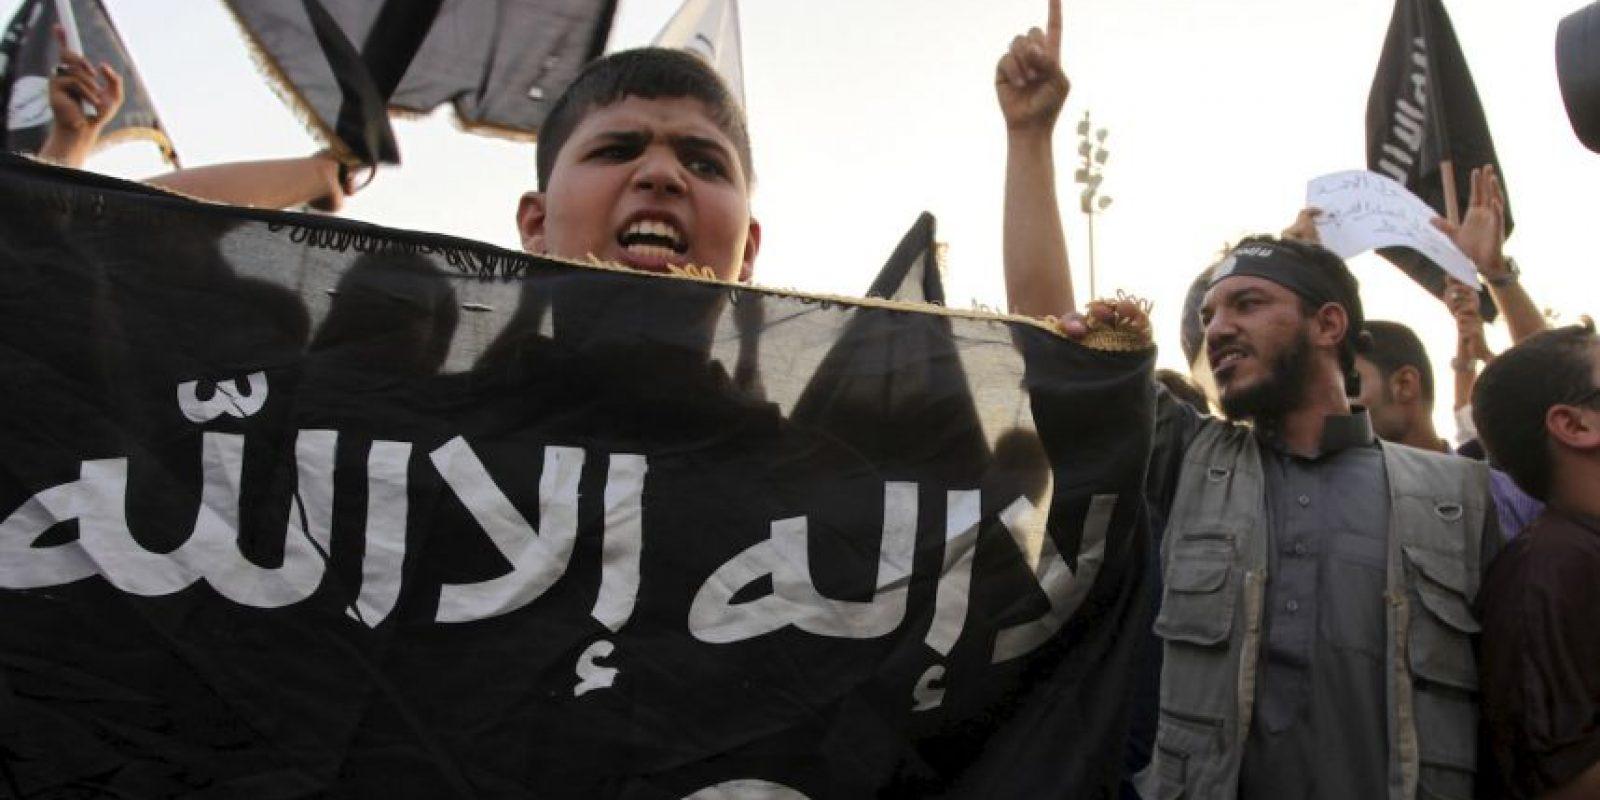 6. Los menores han sido usados para decapitar rehenes y asesinarlos con armas de fuego. Foto:AP